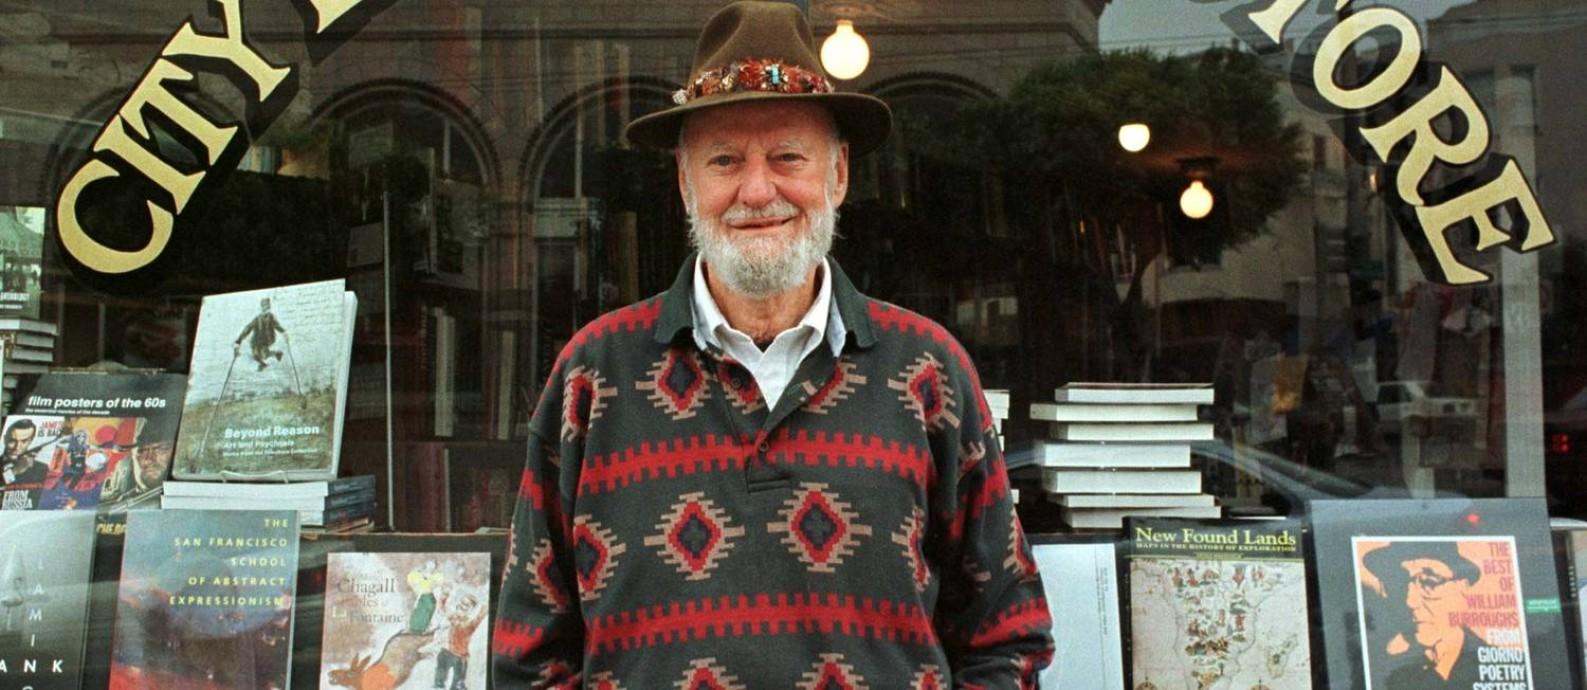 O poeta Lawrence Ferlinghetti em frente à livraria City Lights, em San Francisco, em 1998 Foto: REUTERS